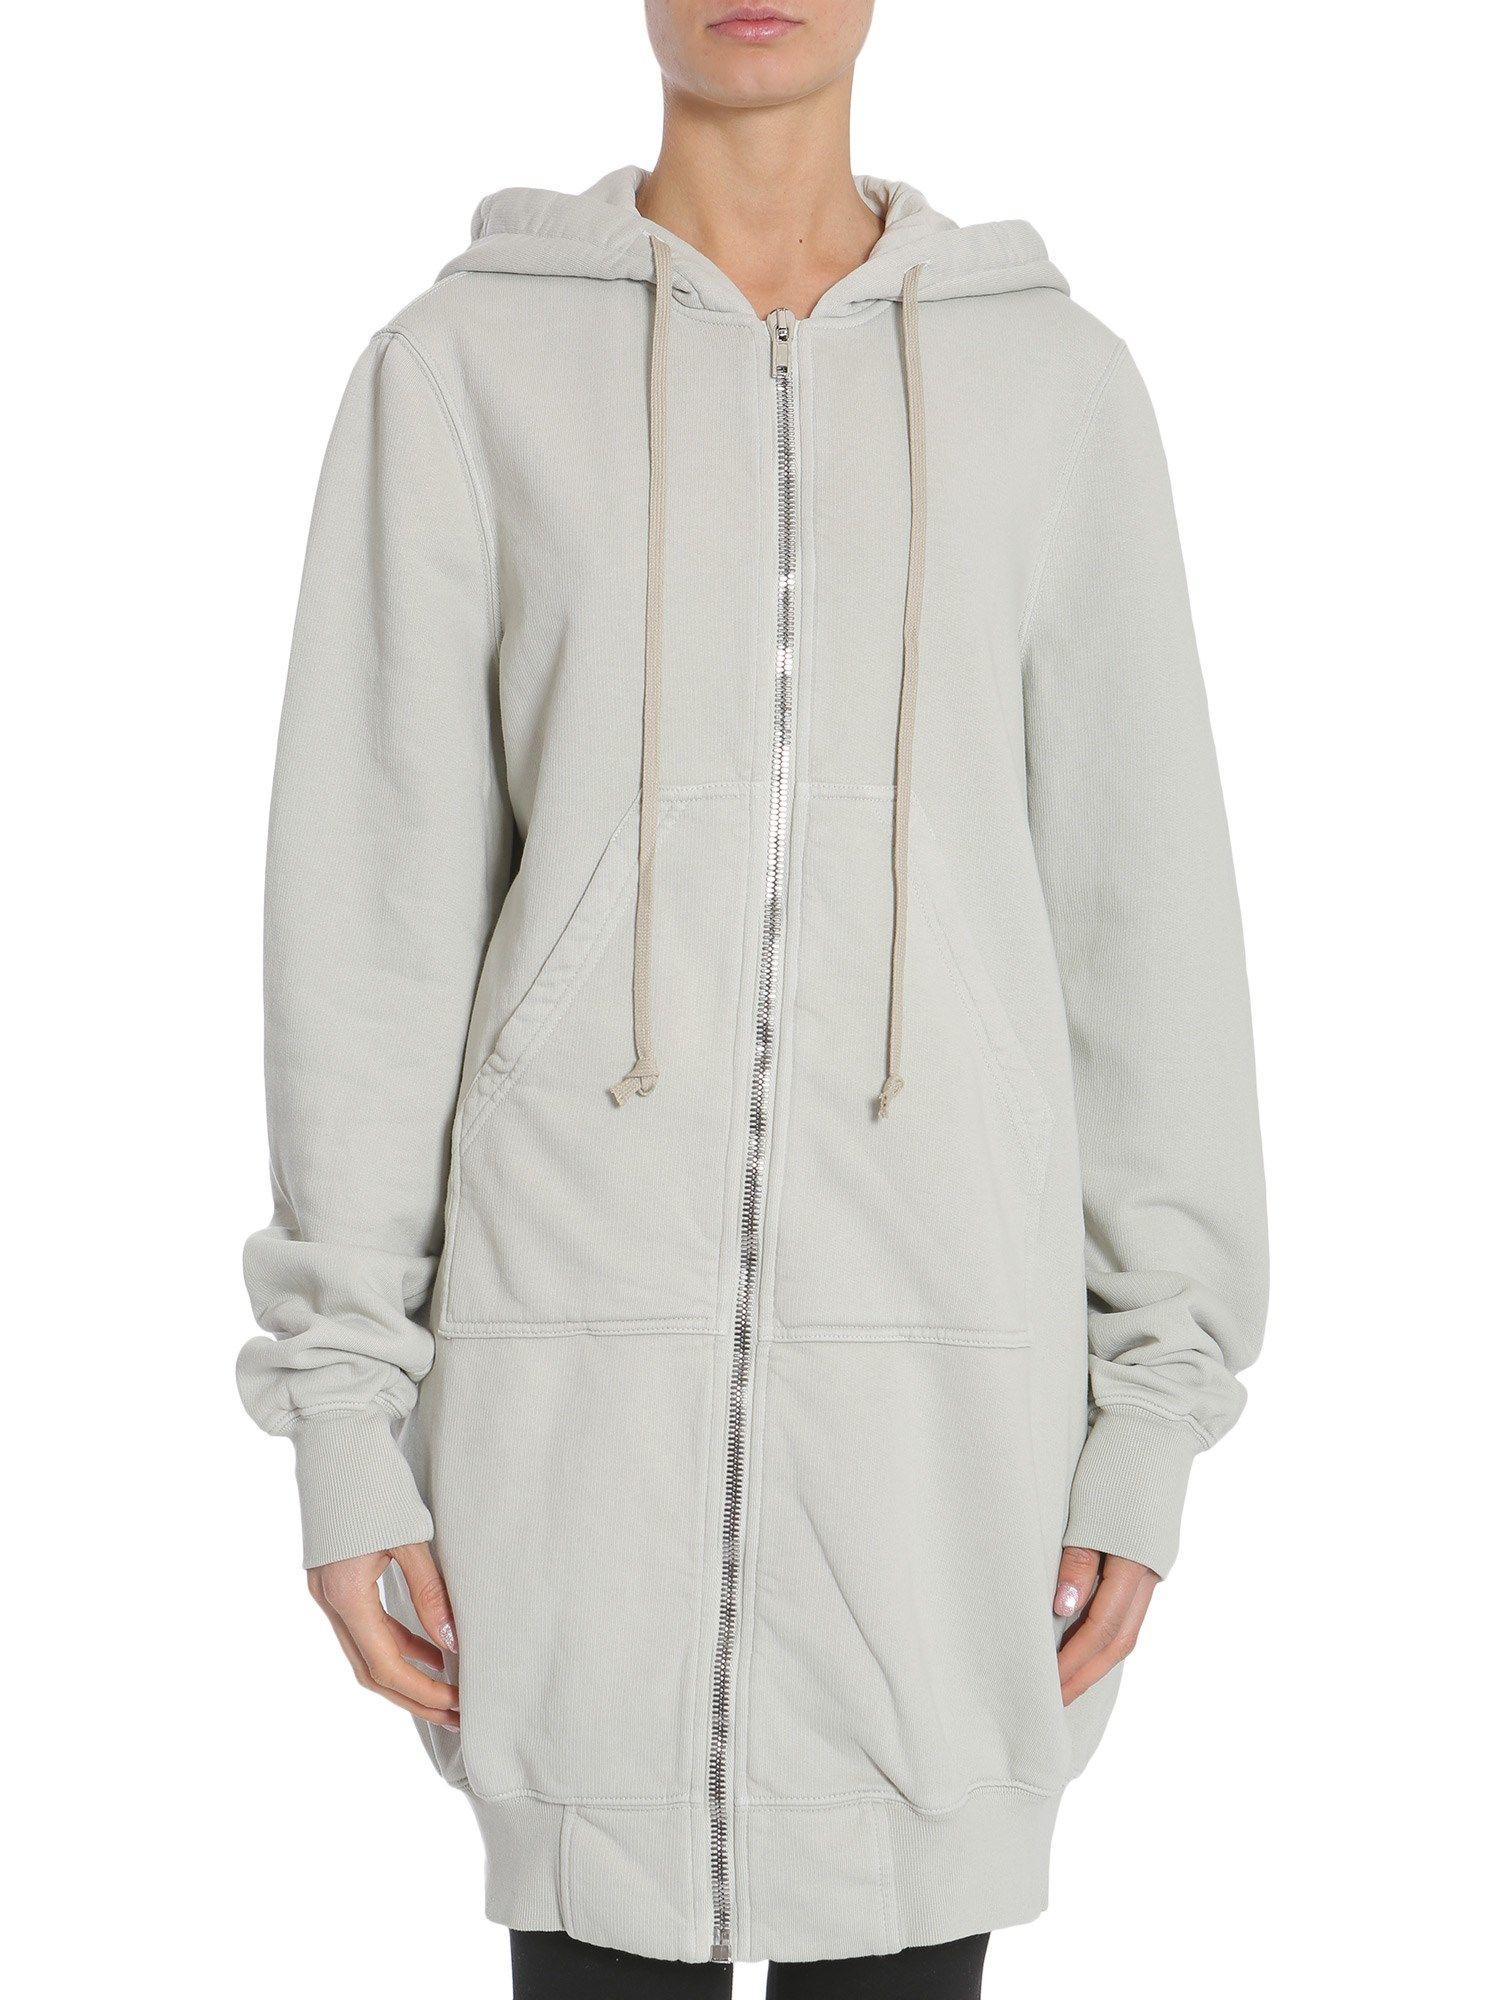 Hooded Jumbo Sweatshirt